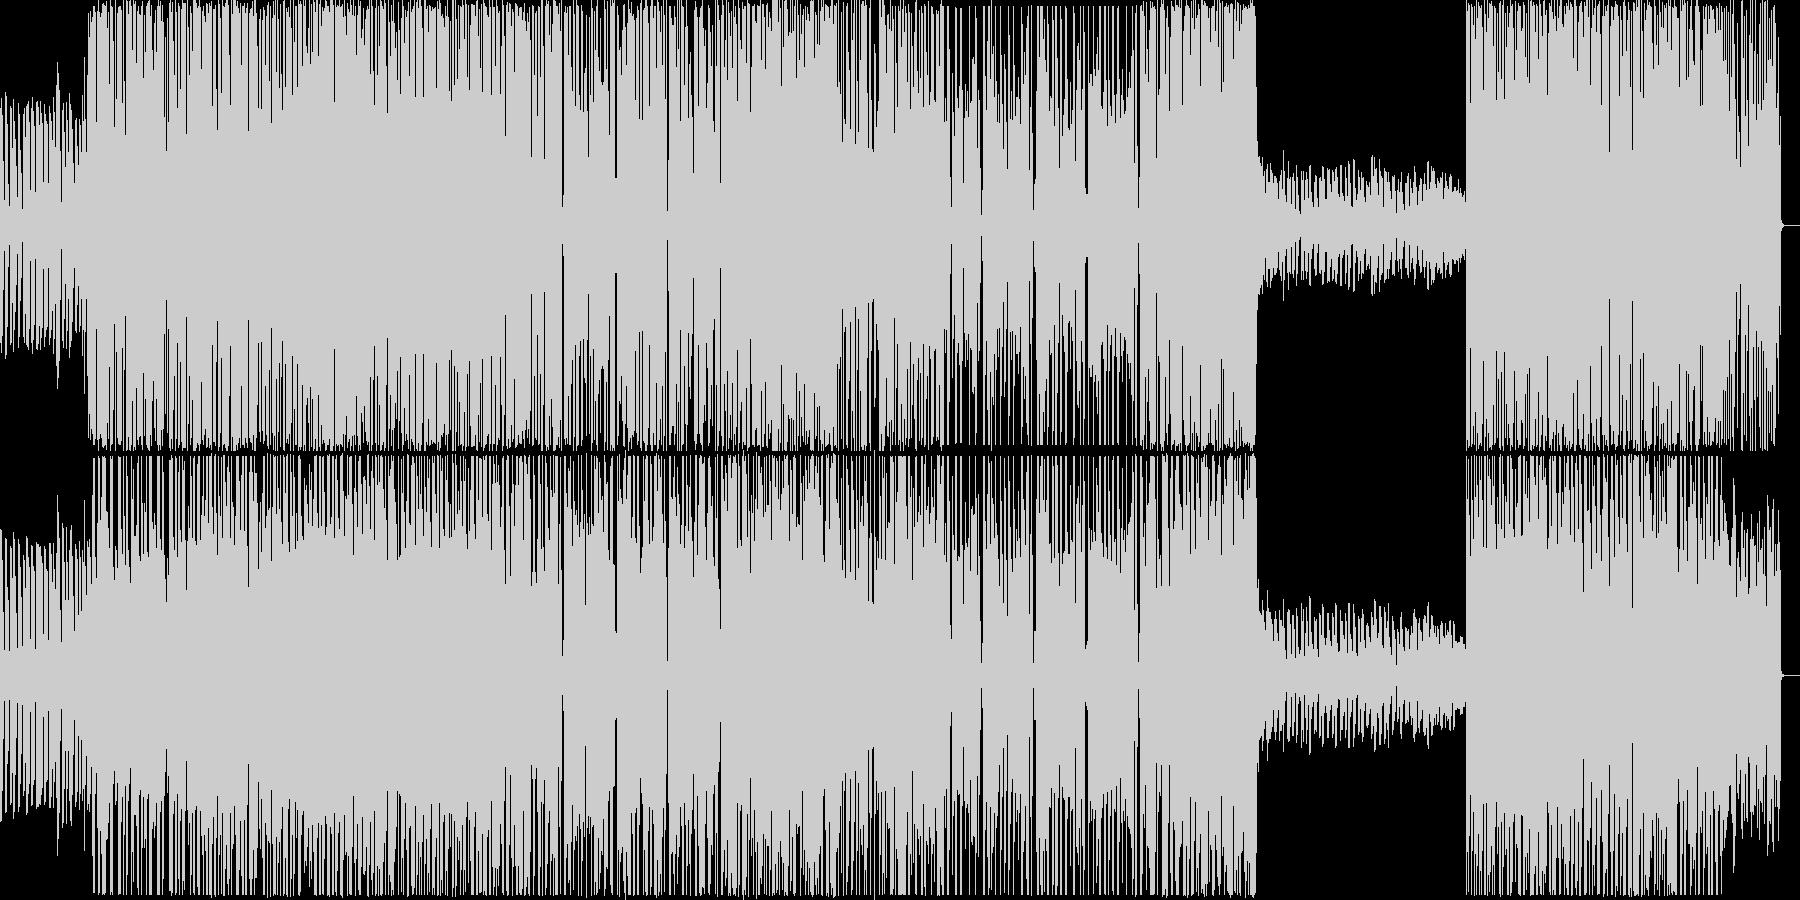 ロック×テクノ ビートと疾走感溢れる曲の未再生の波形